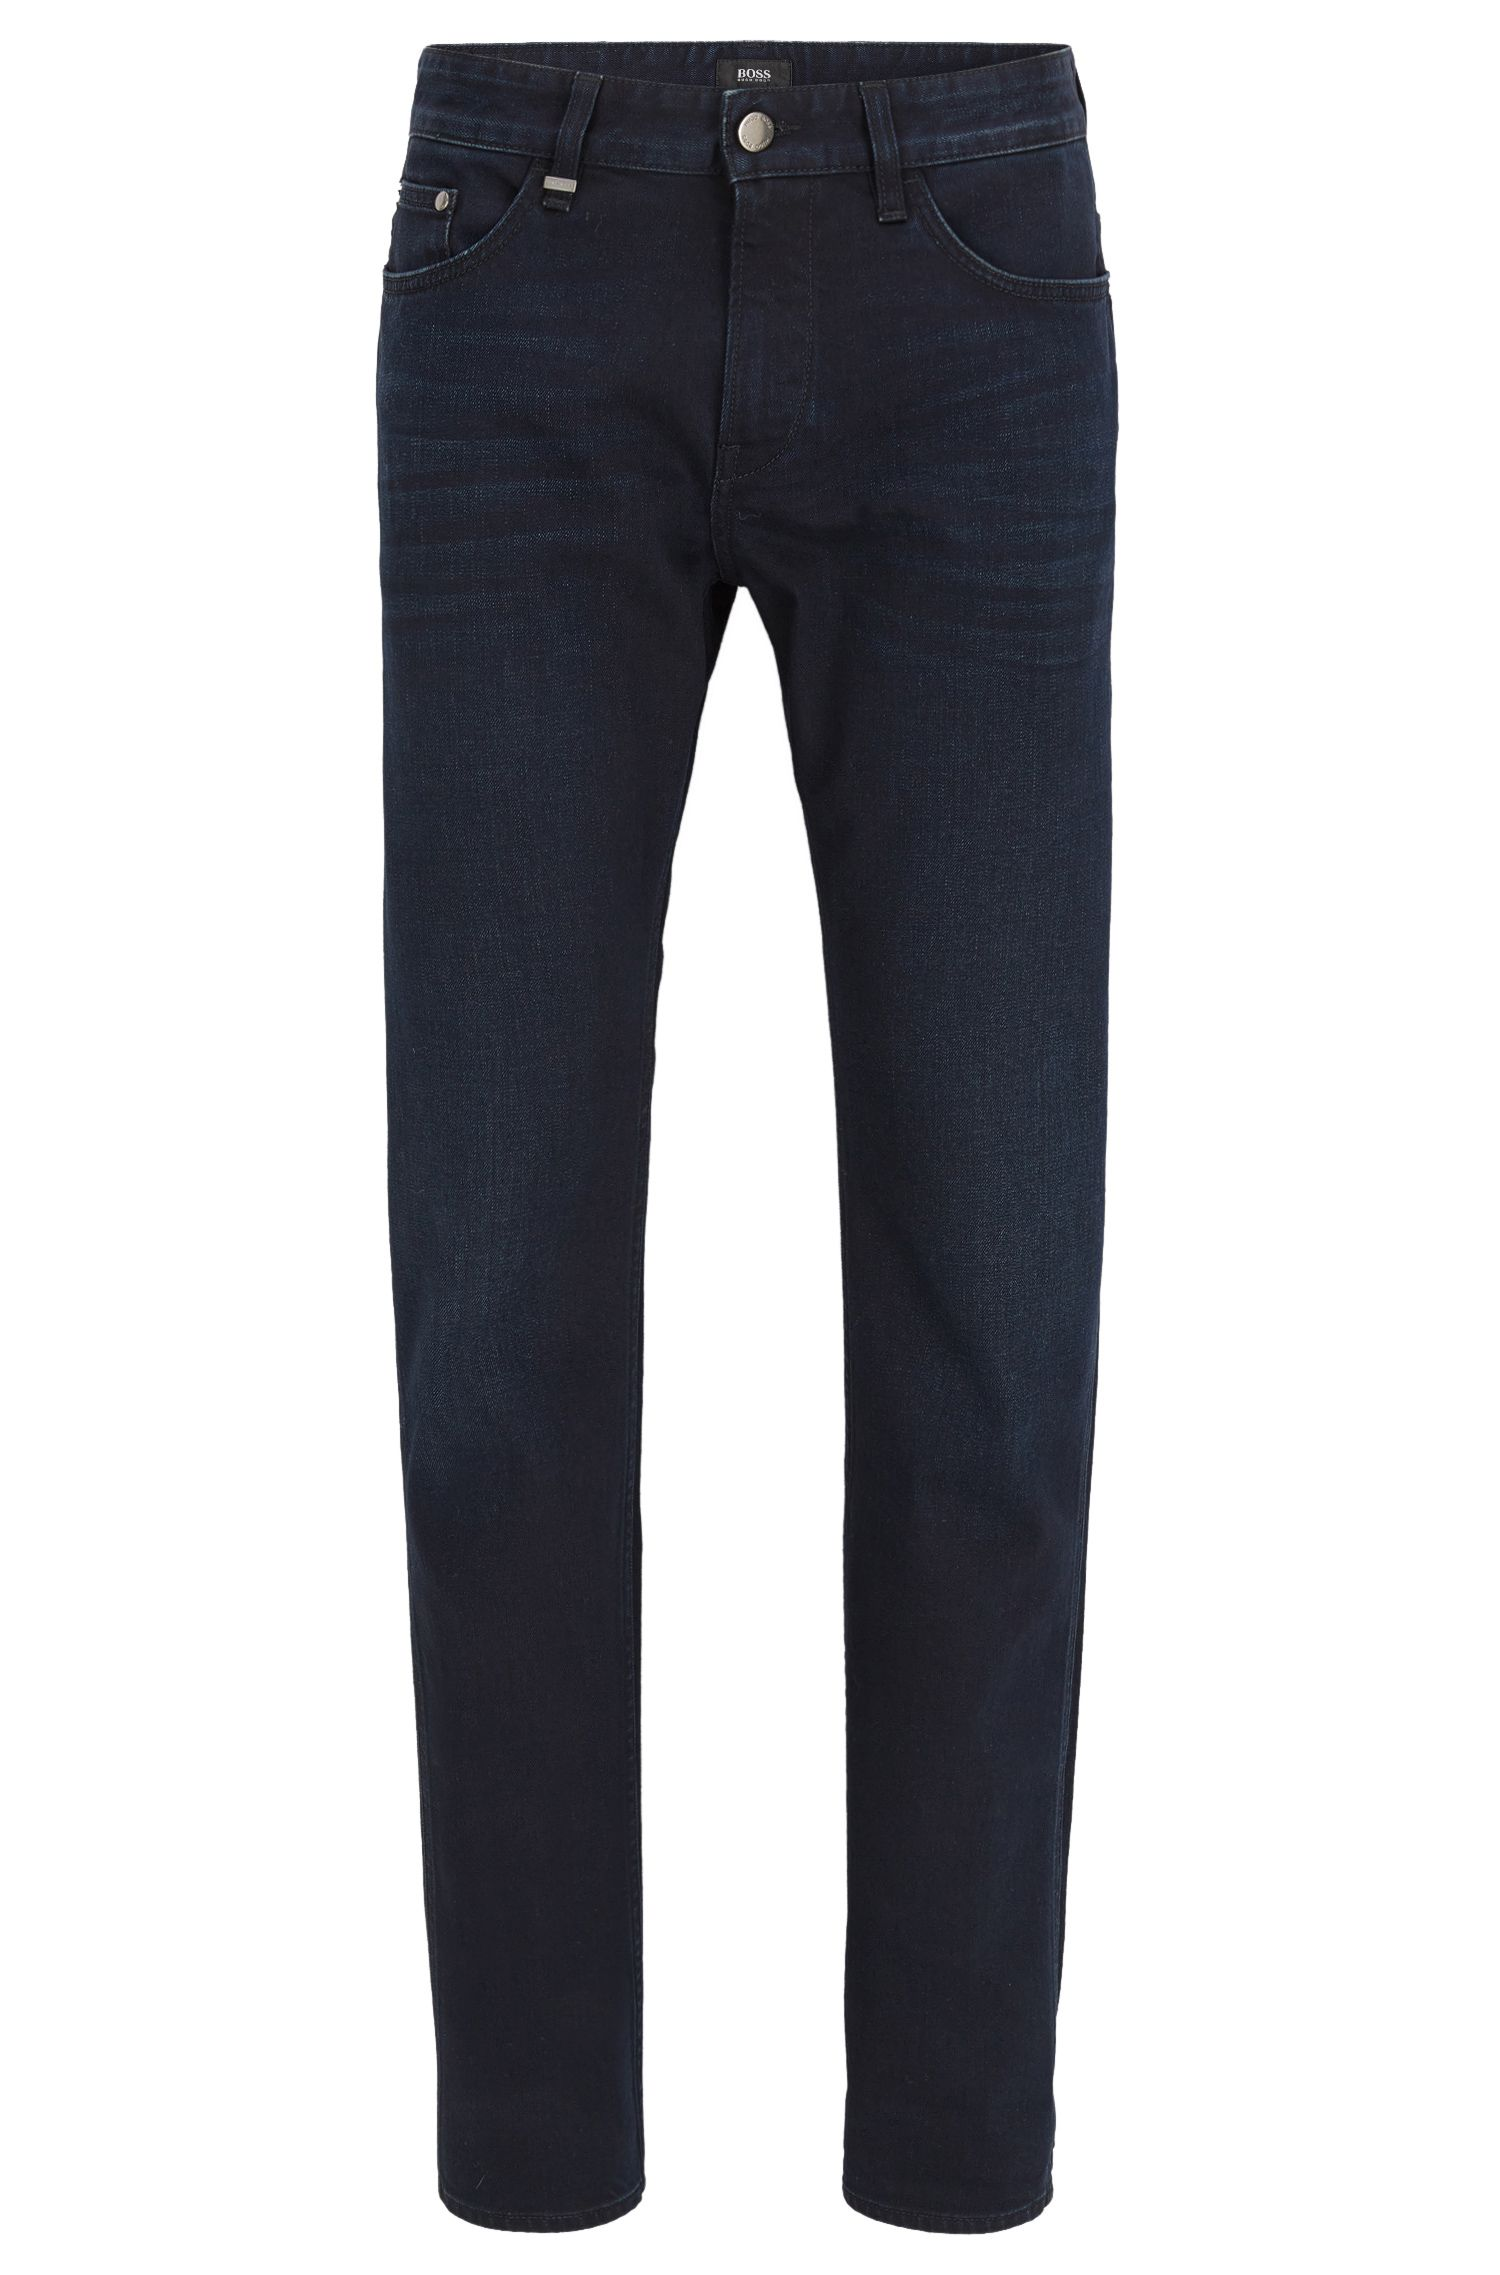 Jeans slim fit in comodo denim blu-nero elasticizzato